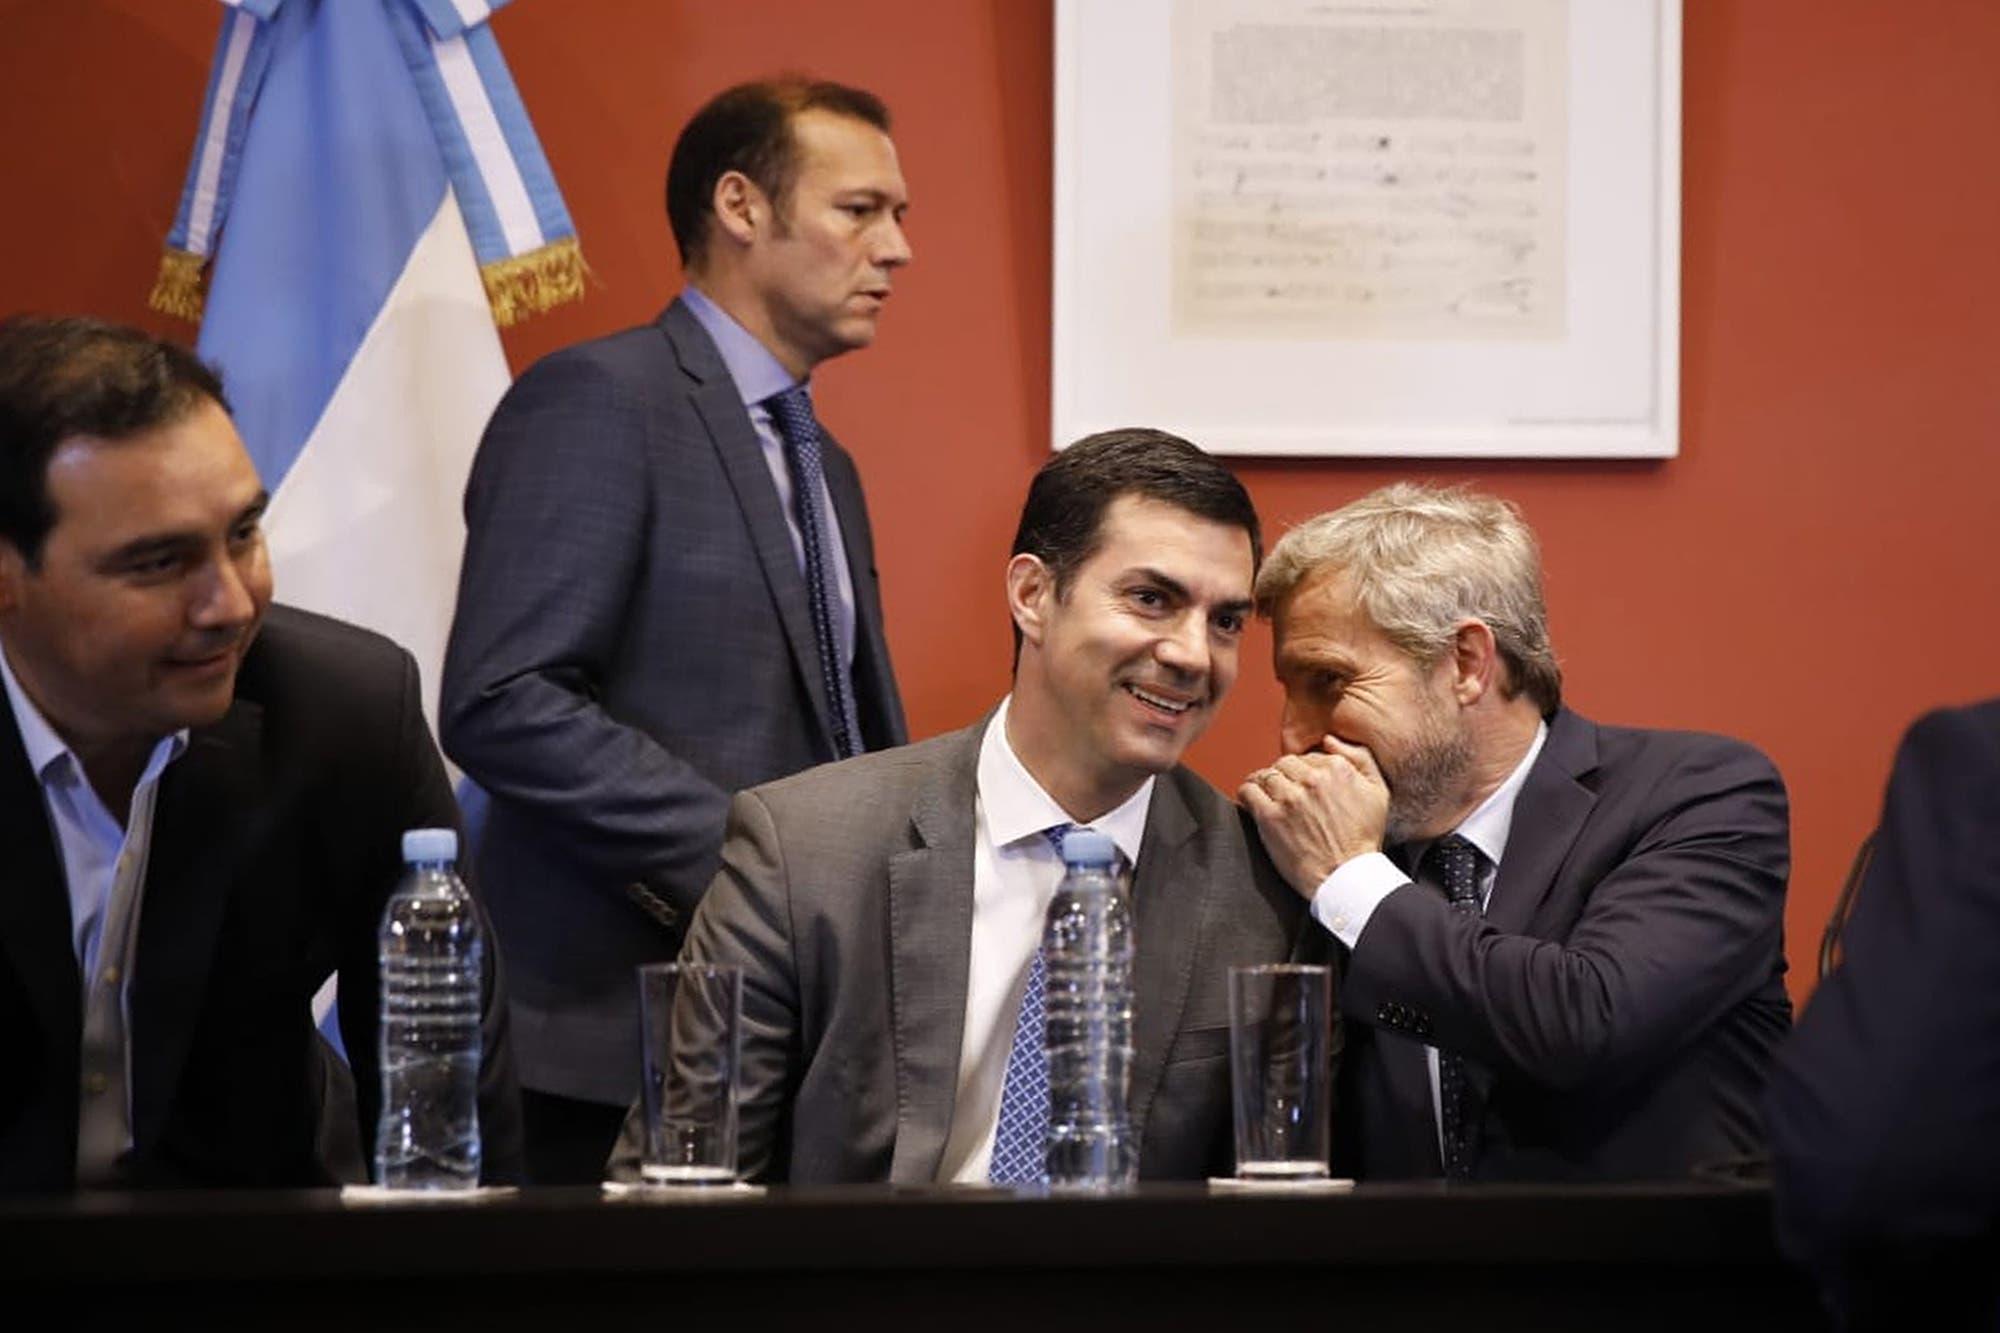 """Dujovne, tras la reunión con los gobernadores: """"Logramos un entendimiento con la oposición para alcanzar el equilibrio presupuestario"""""""